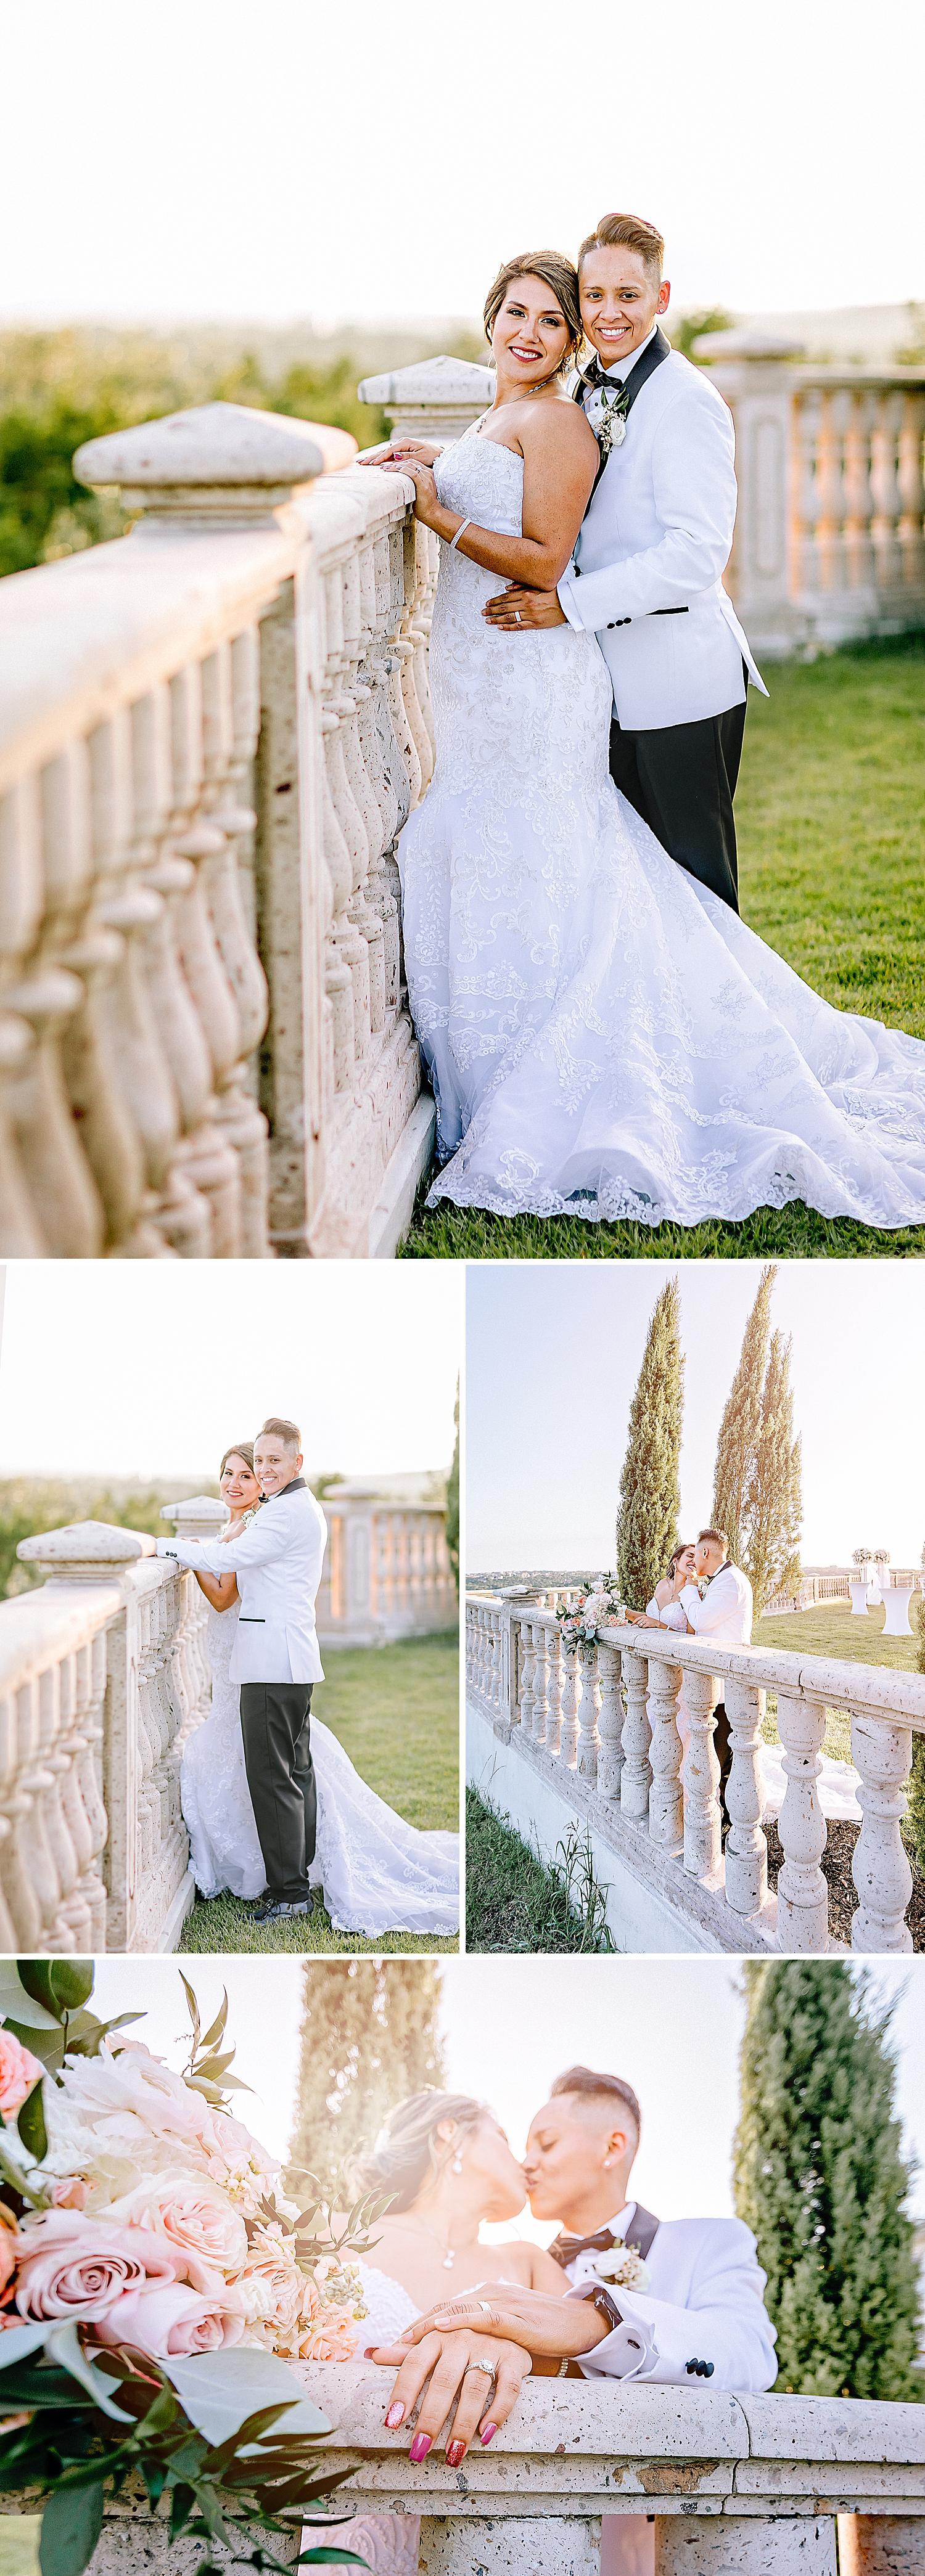 Carly-Barton-Photography-The-Villa-at-Cielo-Vista-Blush-Gold-White-Wedding-Photos_0151.jpg